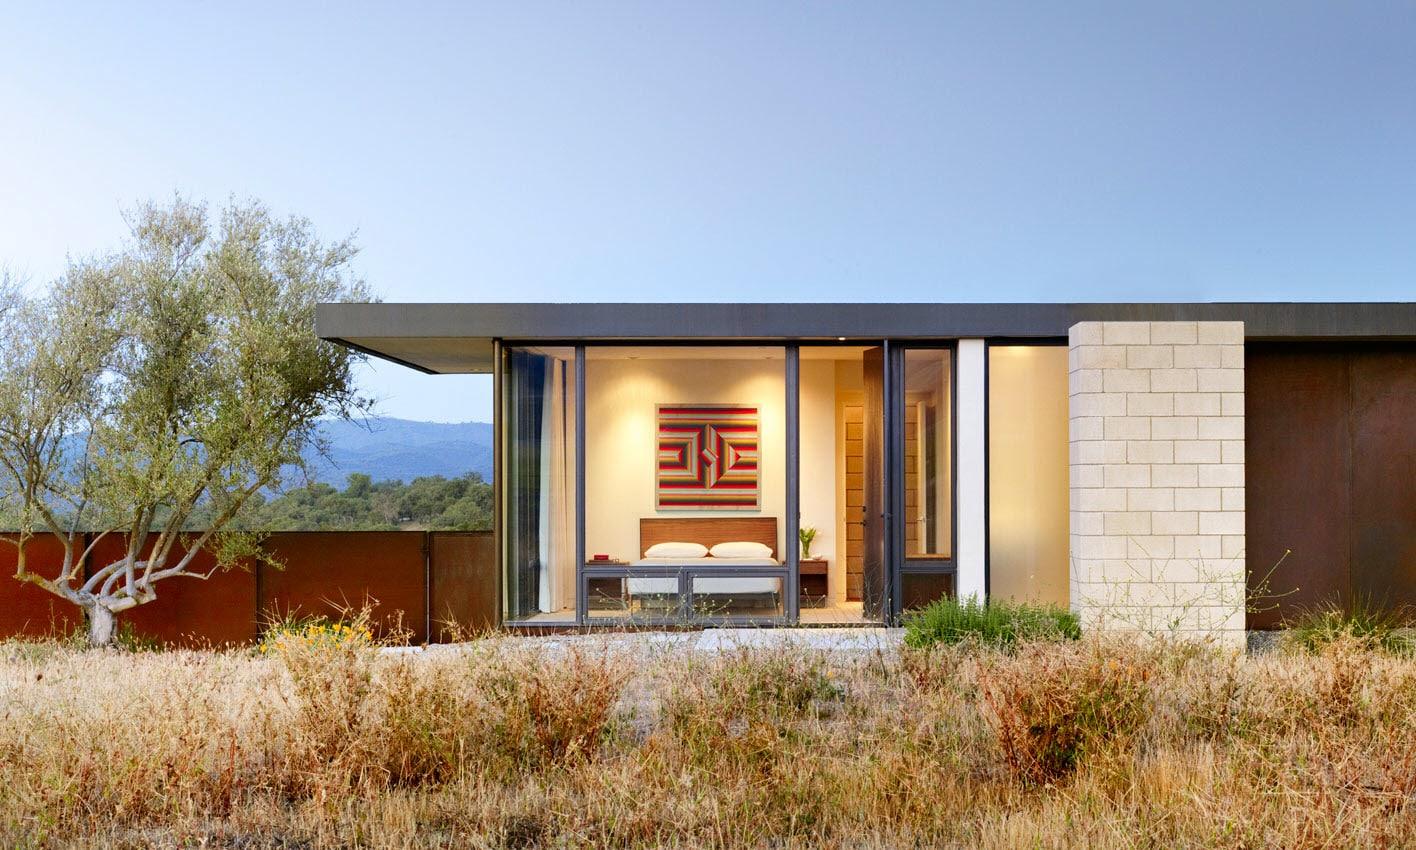 Dise o de casa moderna de un piso de ladrillo caravista for Casas modernas ladrillo